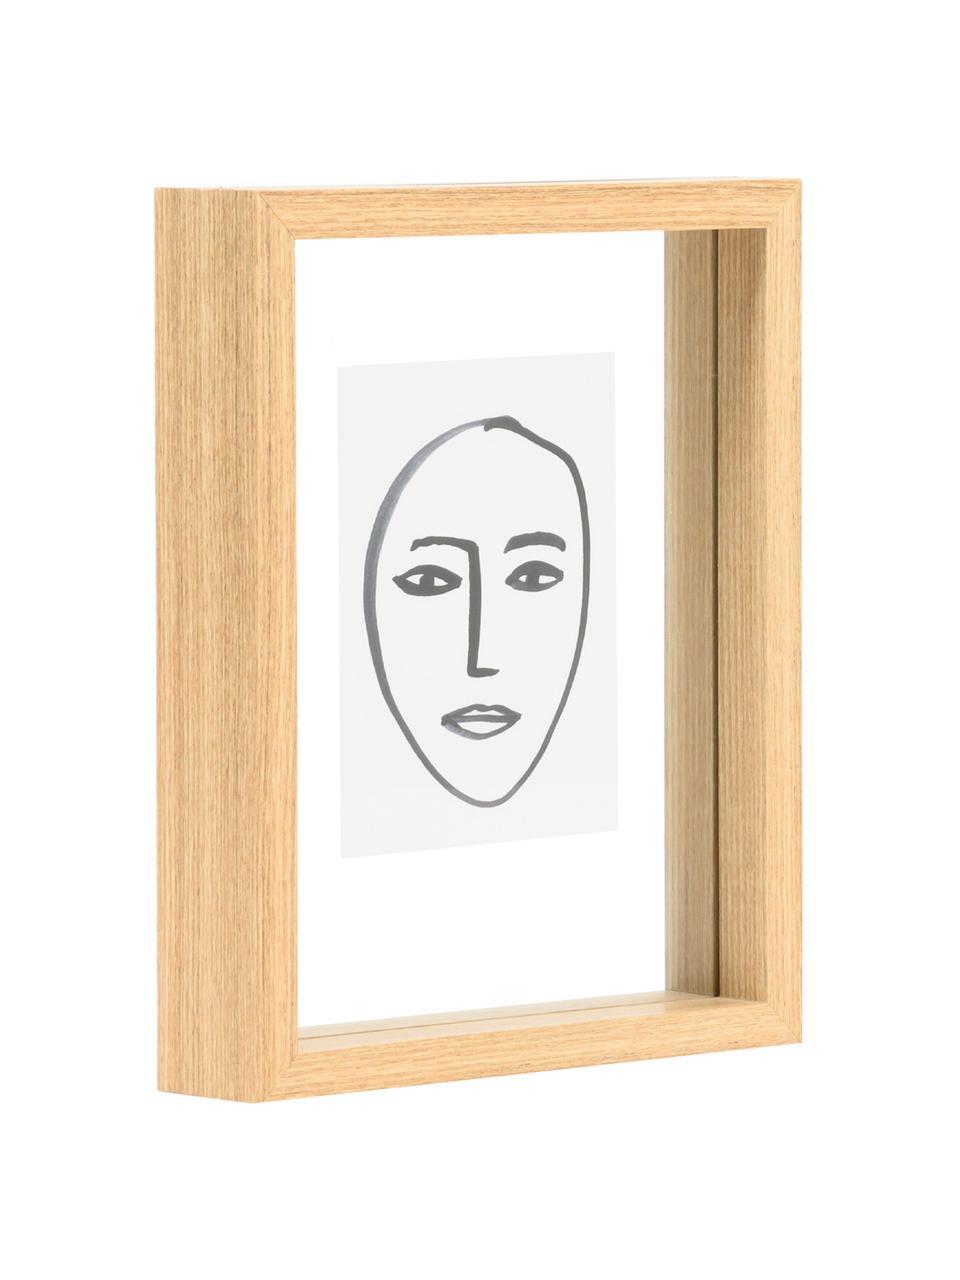 Gerahmter Digitaldruck Aesthetic, Rahmen: Mitteldichte Holzfaserpla, Bild: Papier, Braun, Weiß, Schwarz, 15 x 20 cm